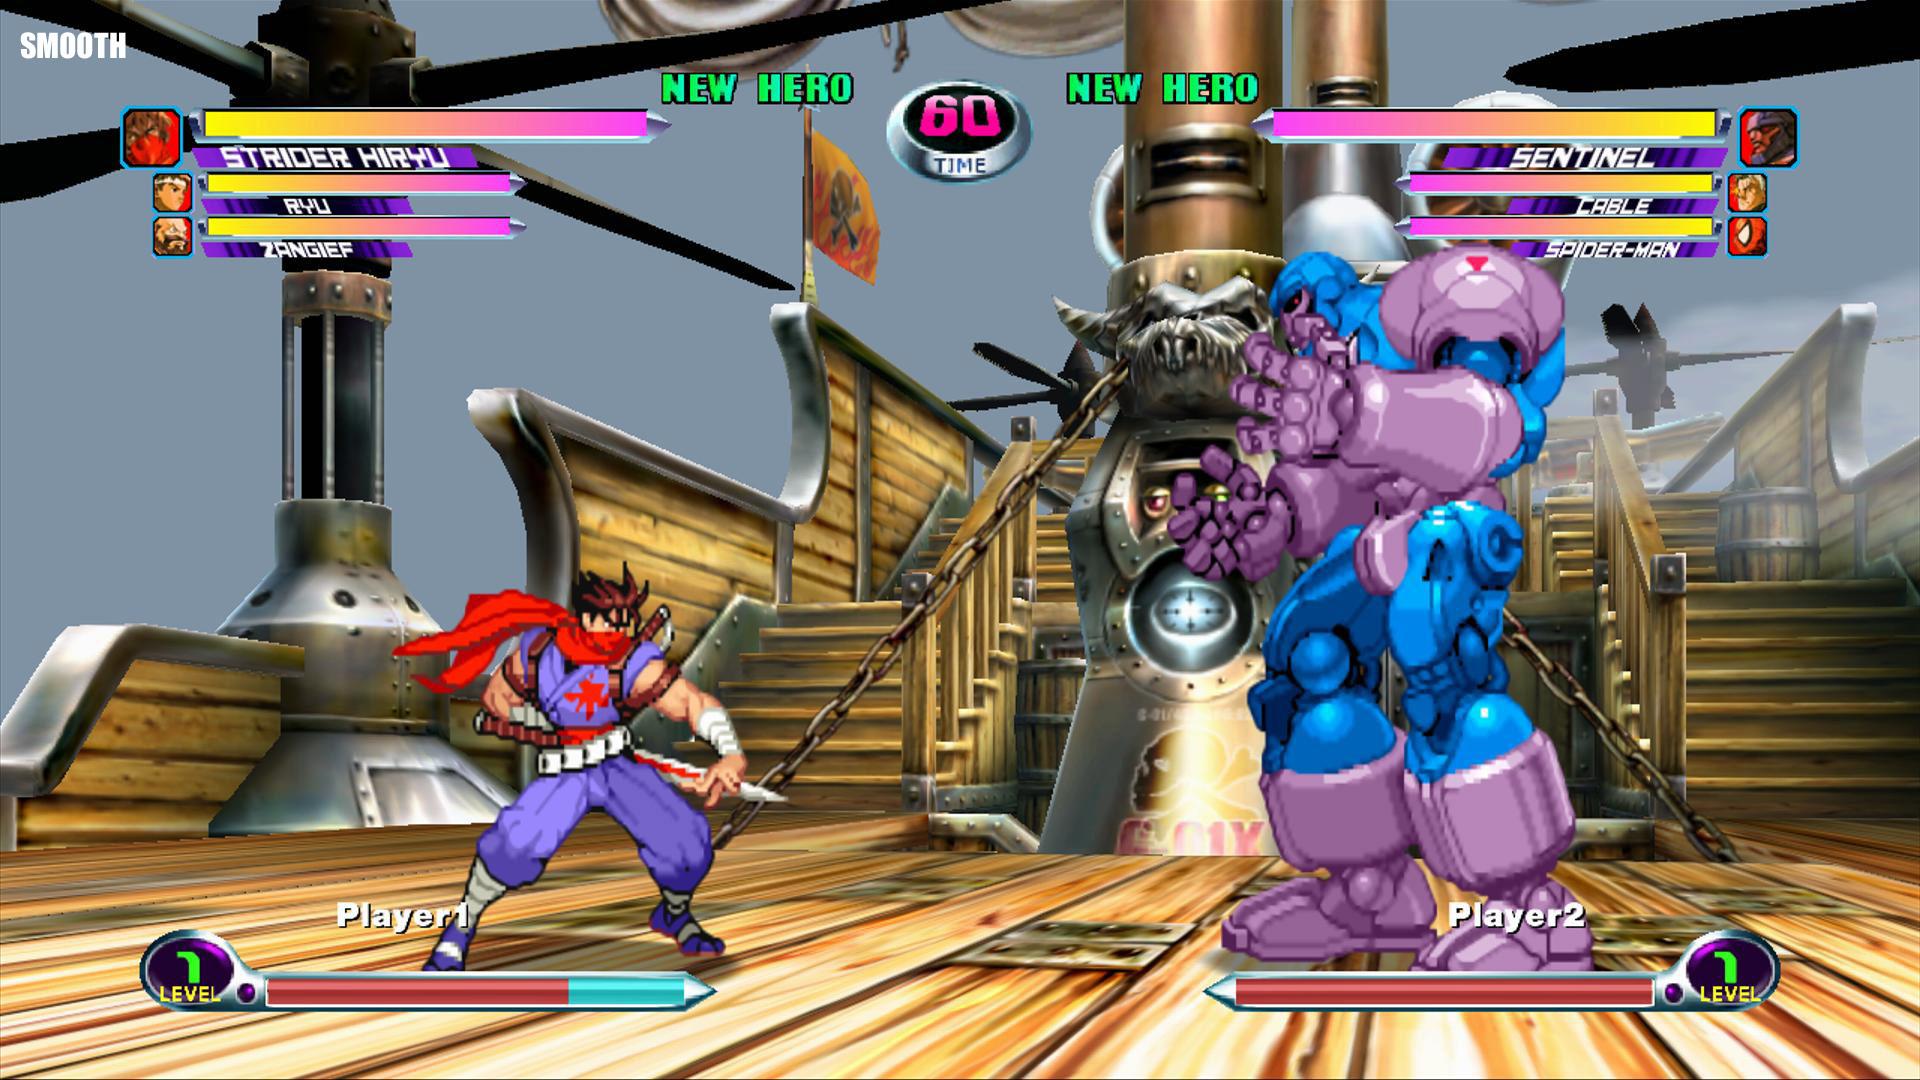 Marvel vs. Capcom 2 HD Sprites in Smooth rendering mode